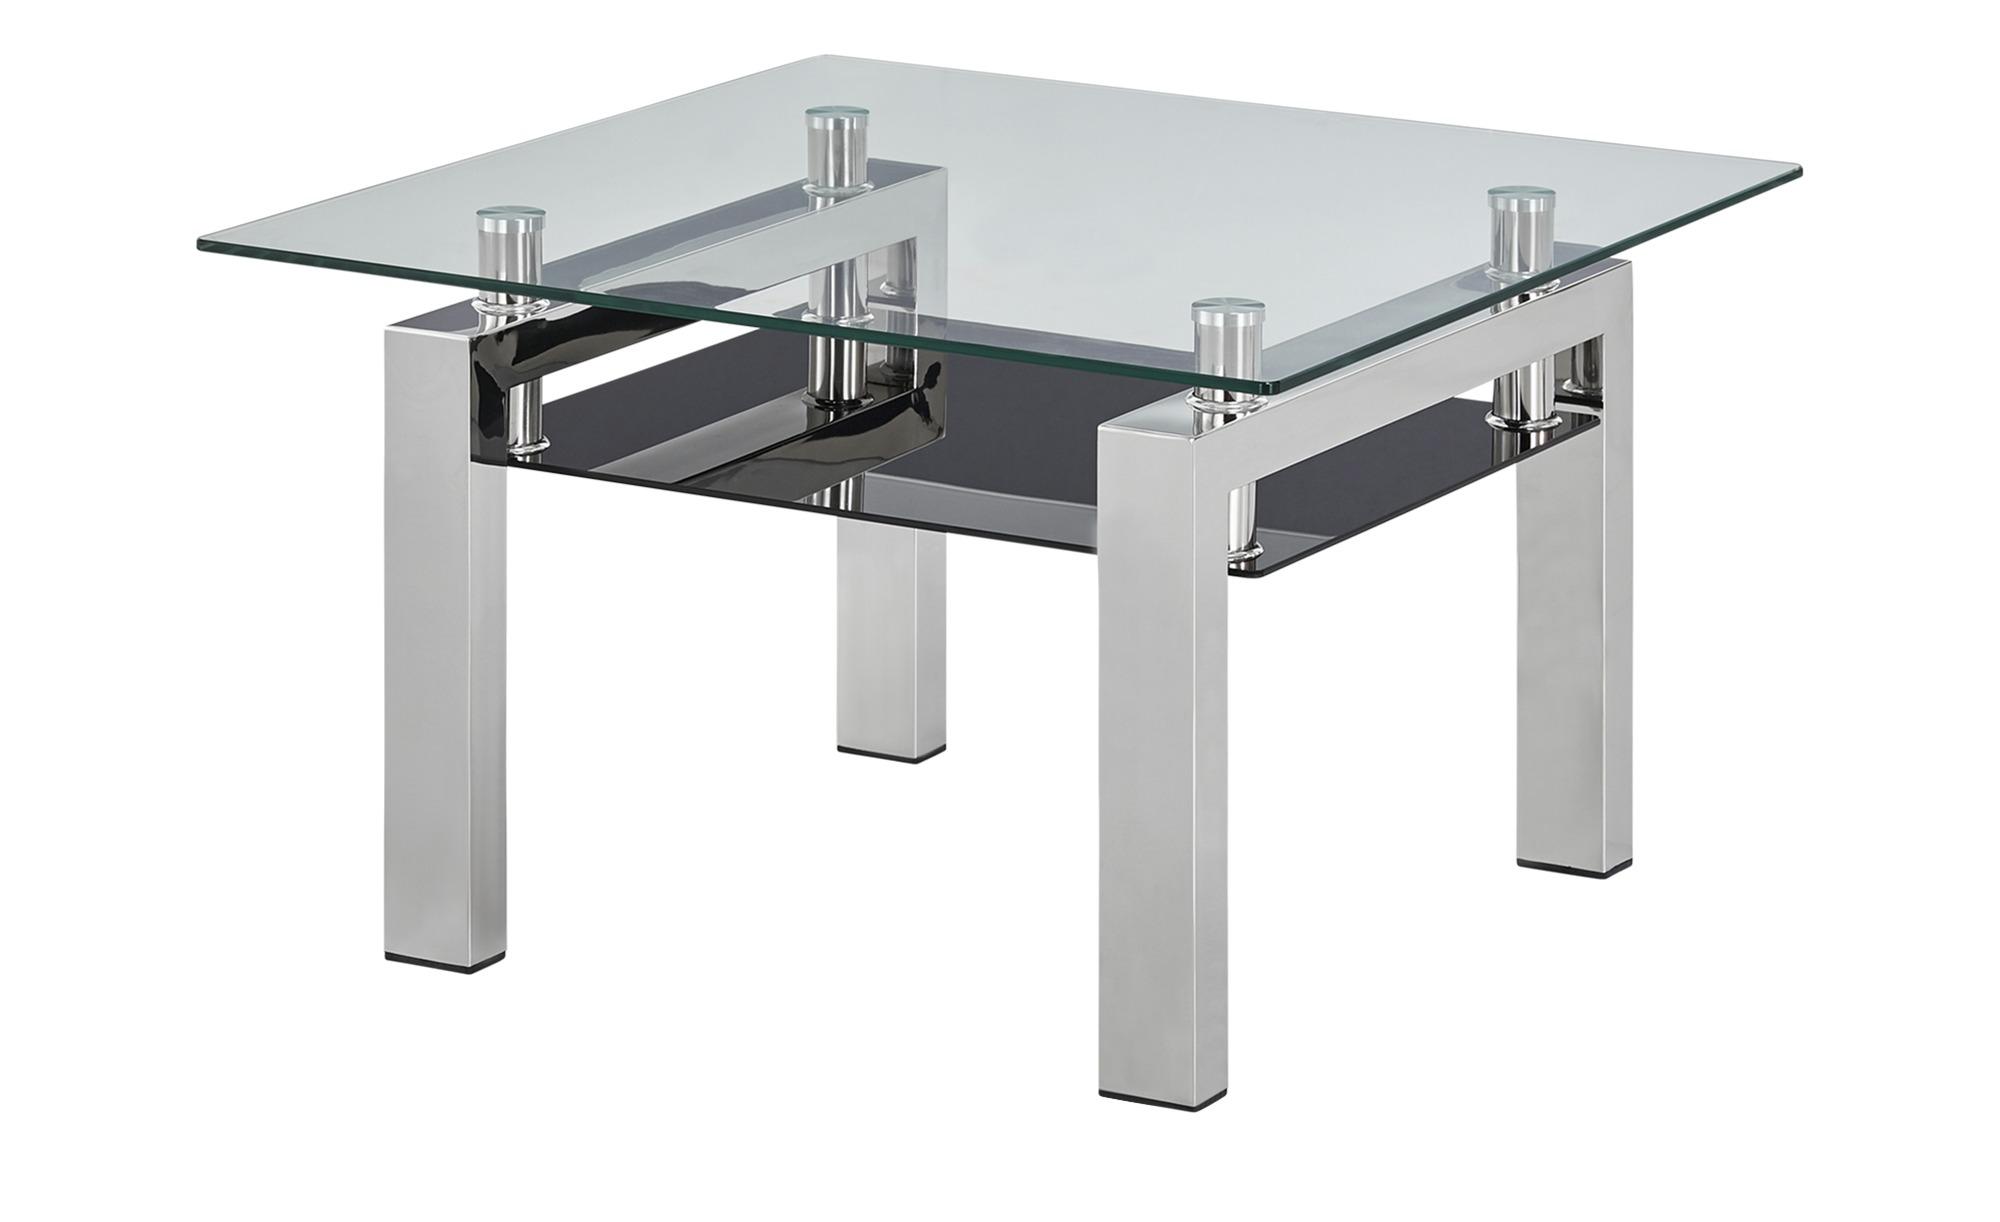 Couchtisch ¦ silber ¦ Maße (cm): B: 70 H: 44 T: 70 Tische > Couchtische > Couchtische rechteckig - Höffner